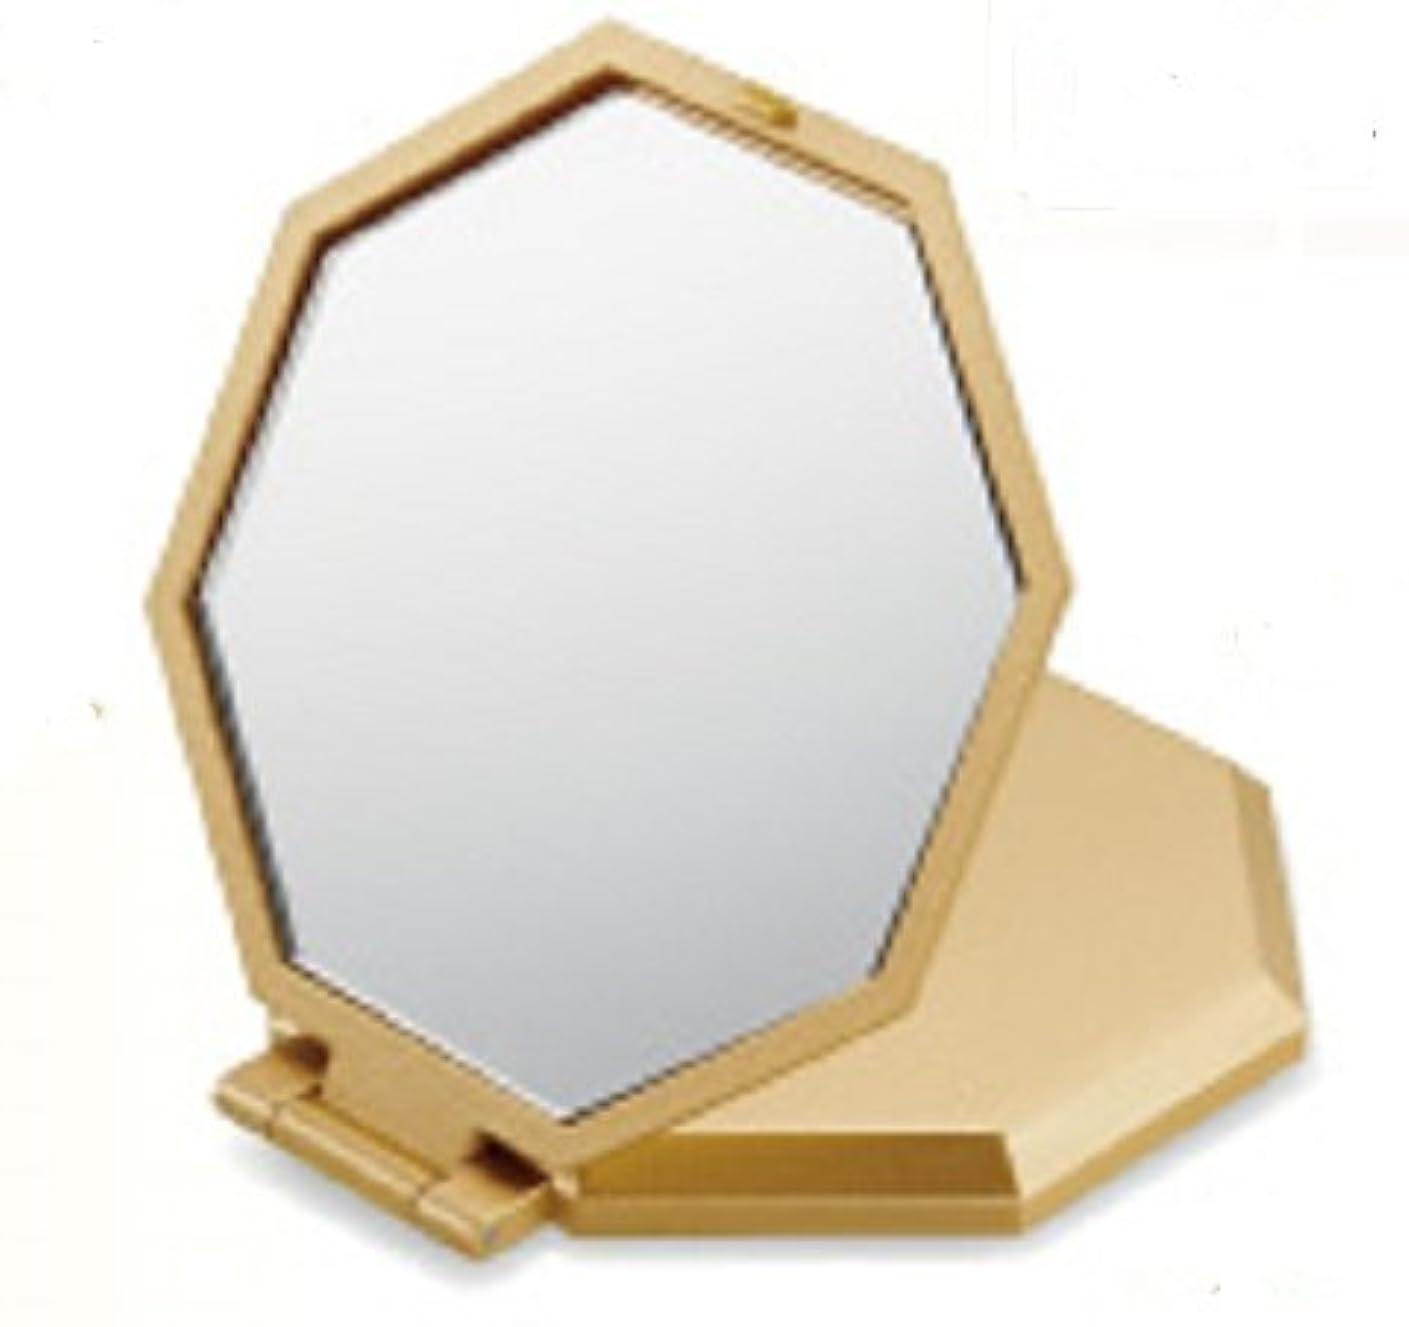 演劇適格注目すべき10倍拡大鏡コンパクト八角ミラー コンパクトミラー 拡大鏡 10倍 八角 手鏡 風水